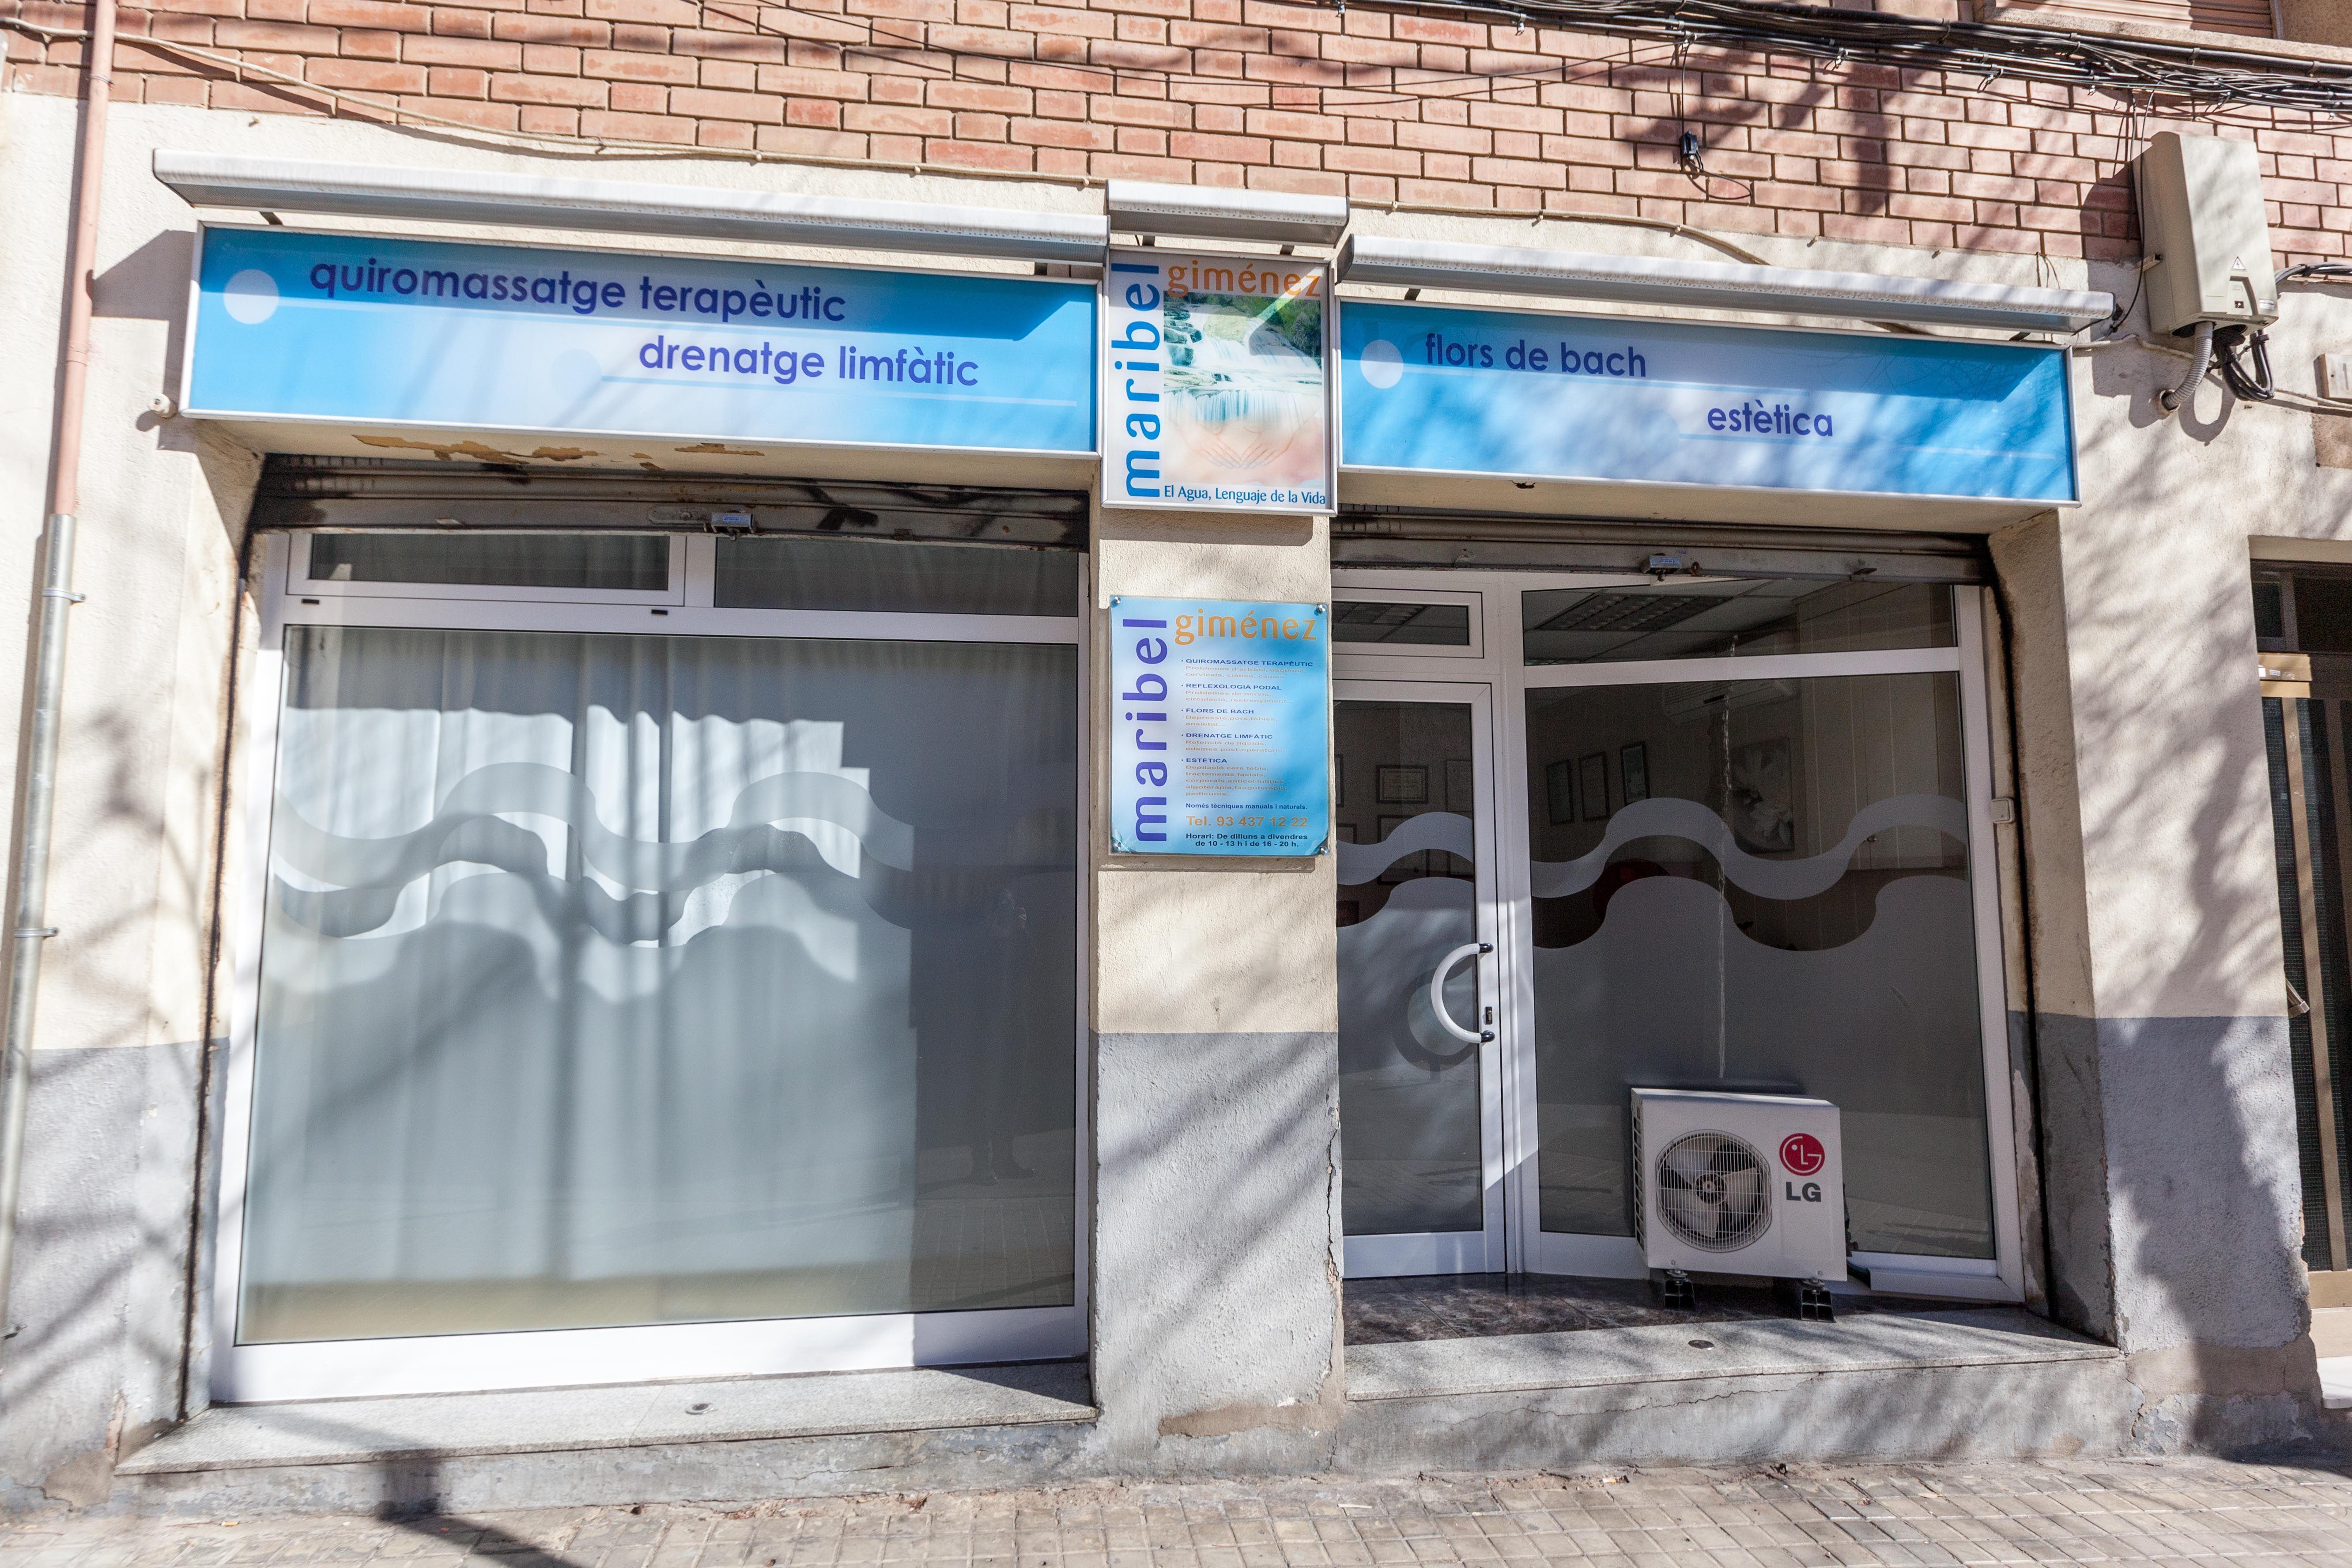 Foto 3 de Quiromasajes en Hospitalet de Llobregat | Quiromasaje y  Estética Maribel Giménez